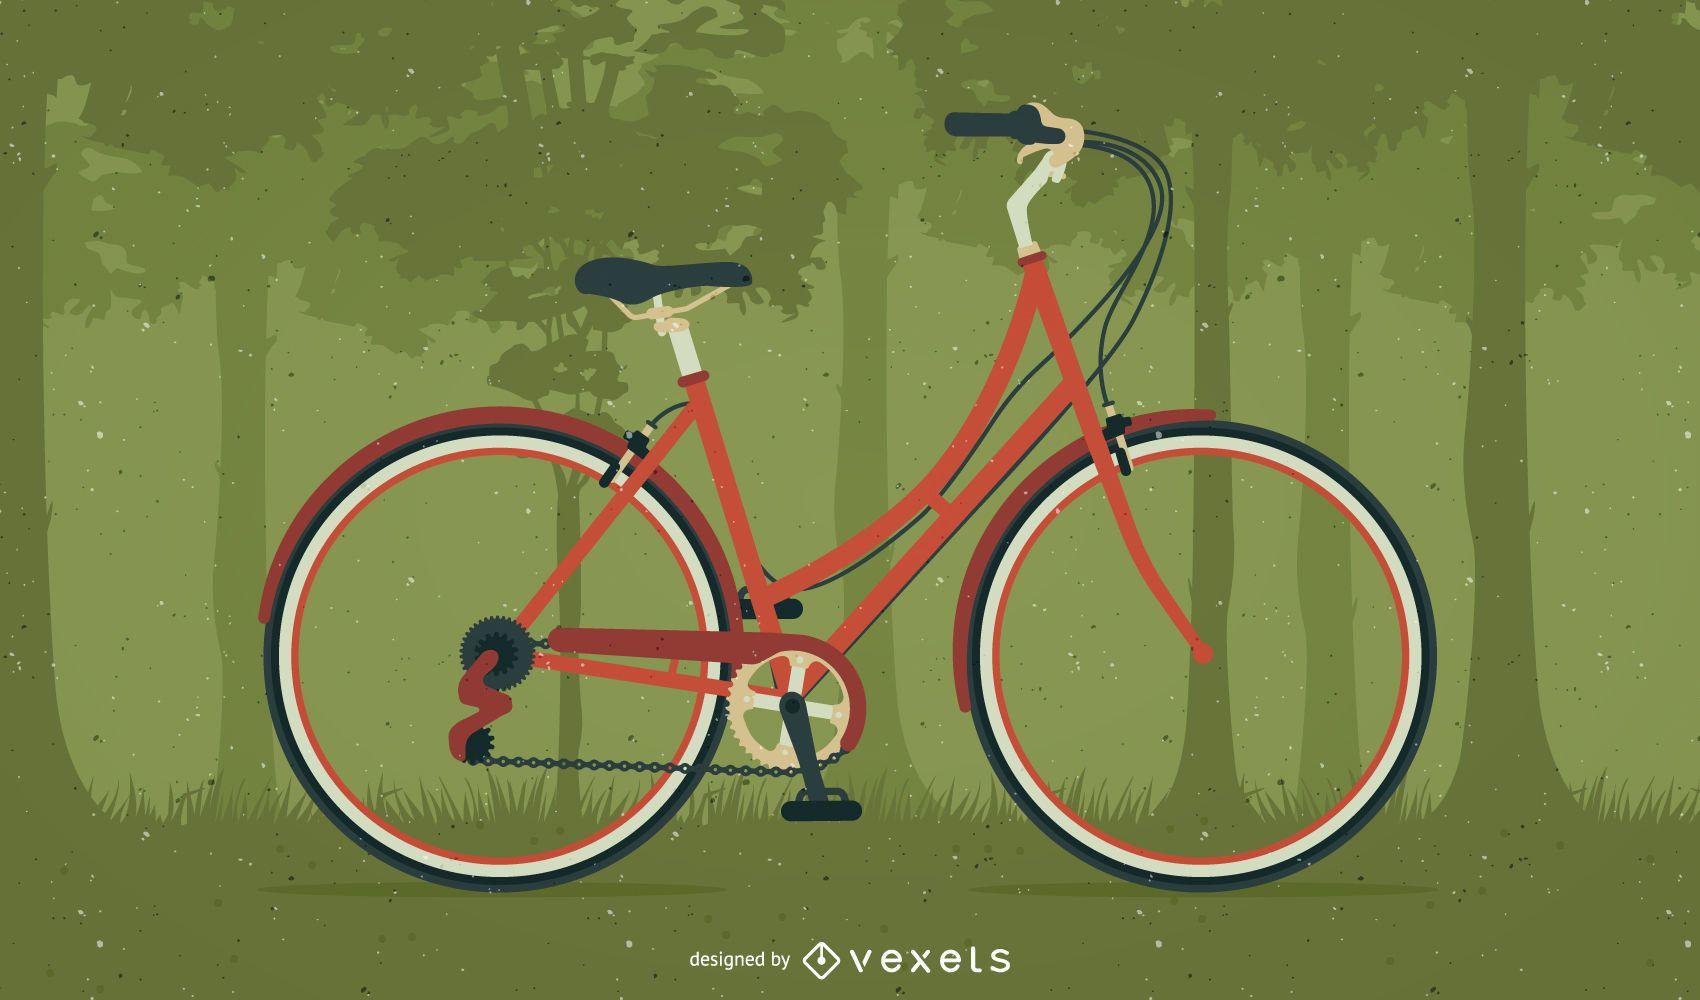 Ilustración de bicicleta en un bosque